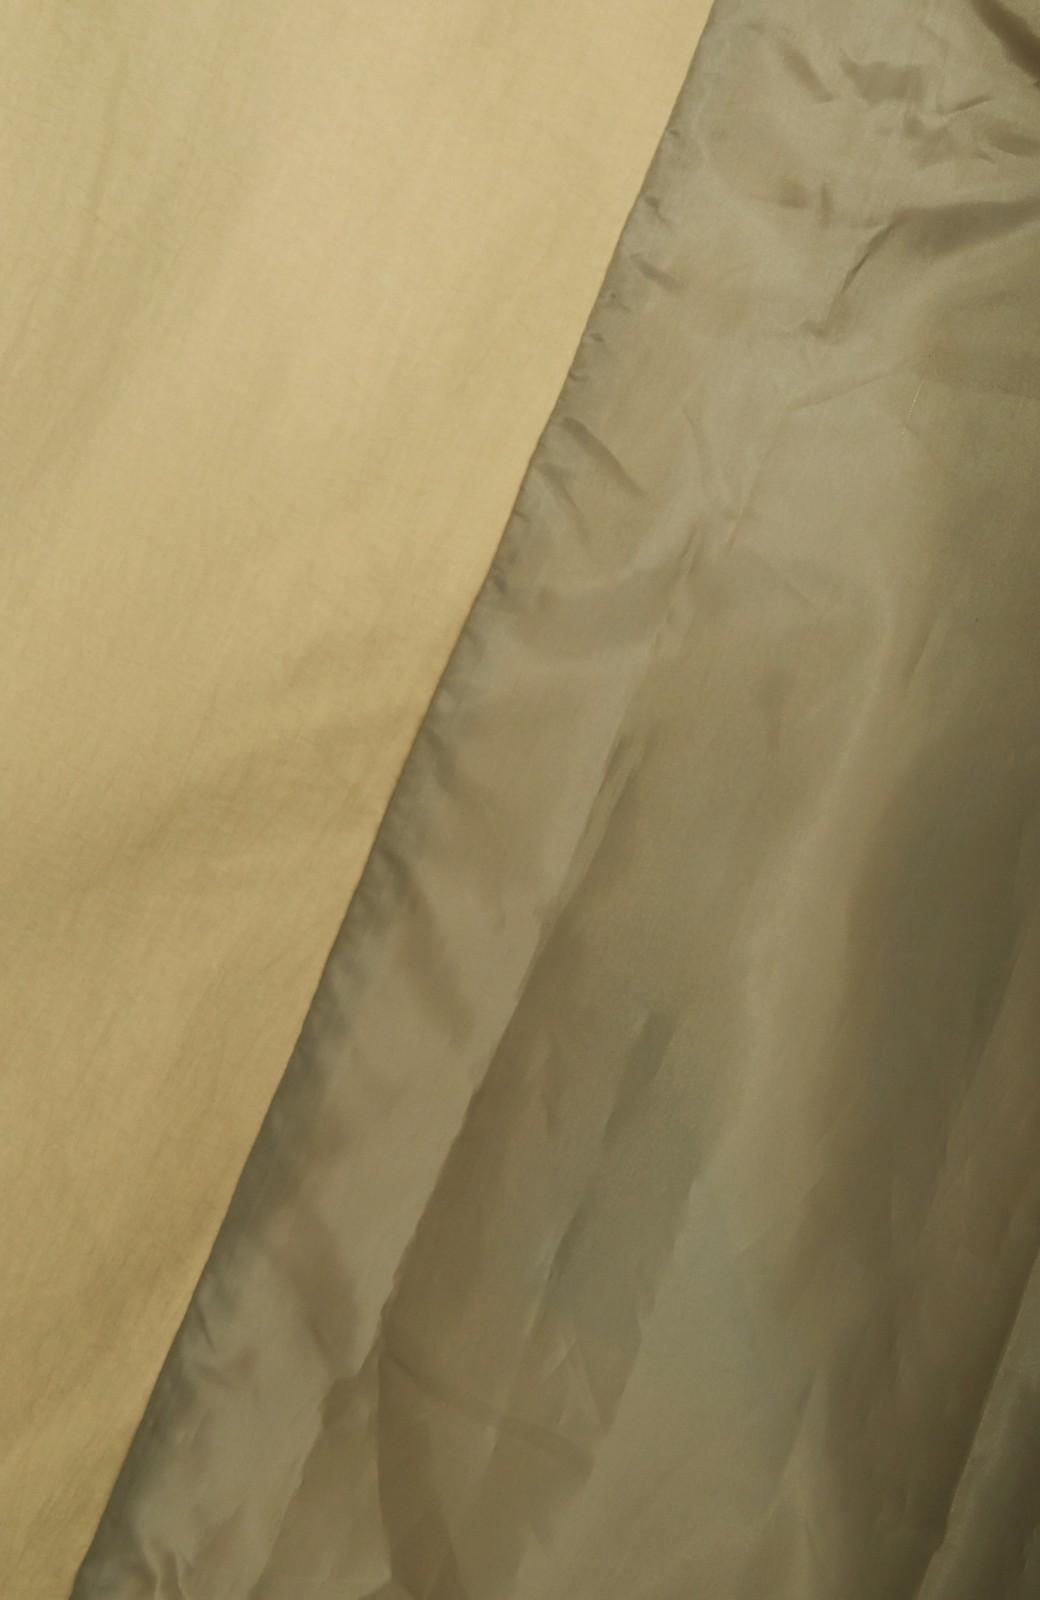 エムトロワ ぱっと羽織るだけで様になる、簡単ロングガウントレンチコート <ベージュ>の商品写真4